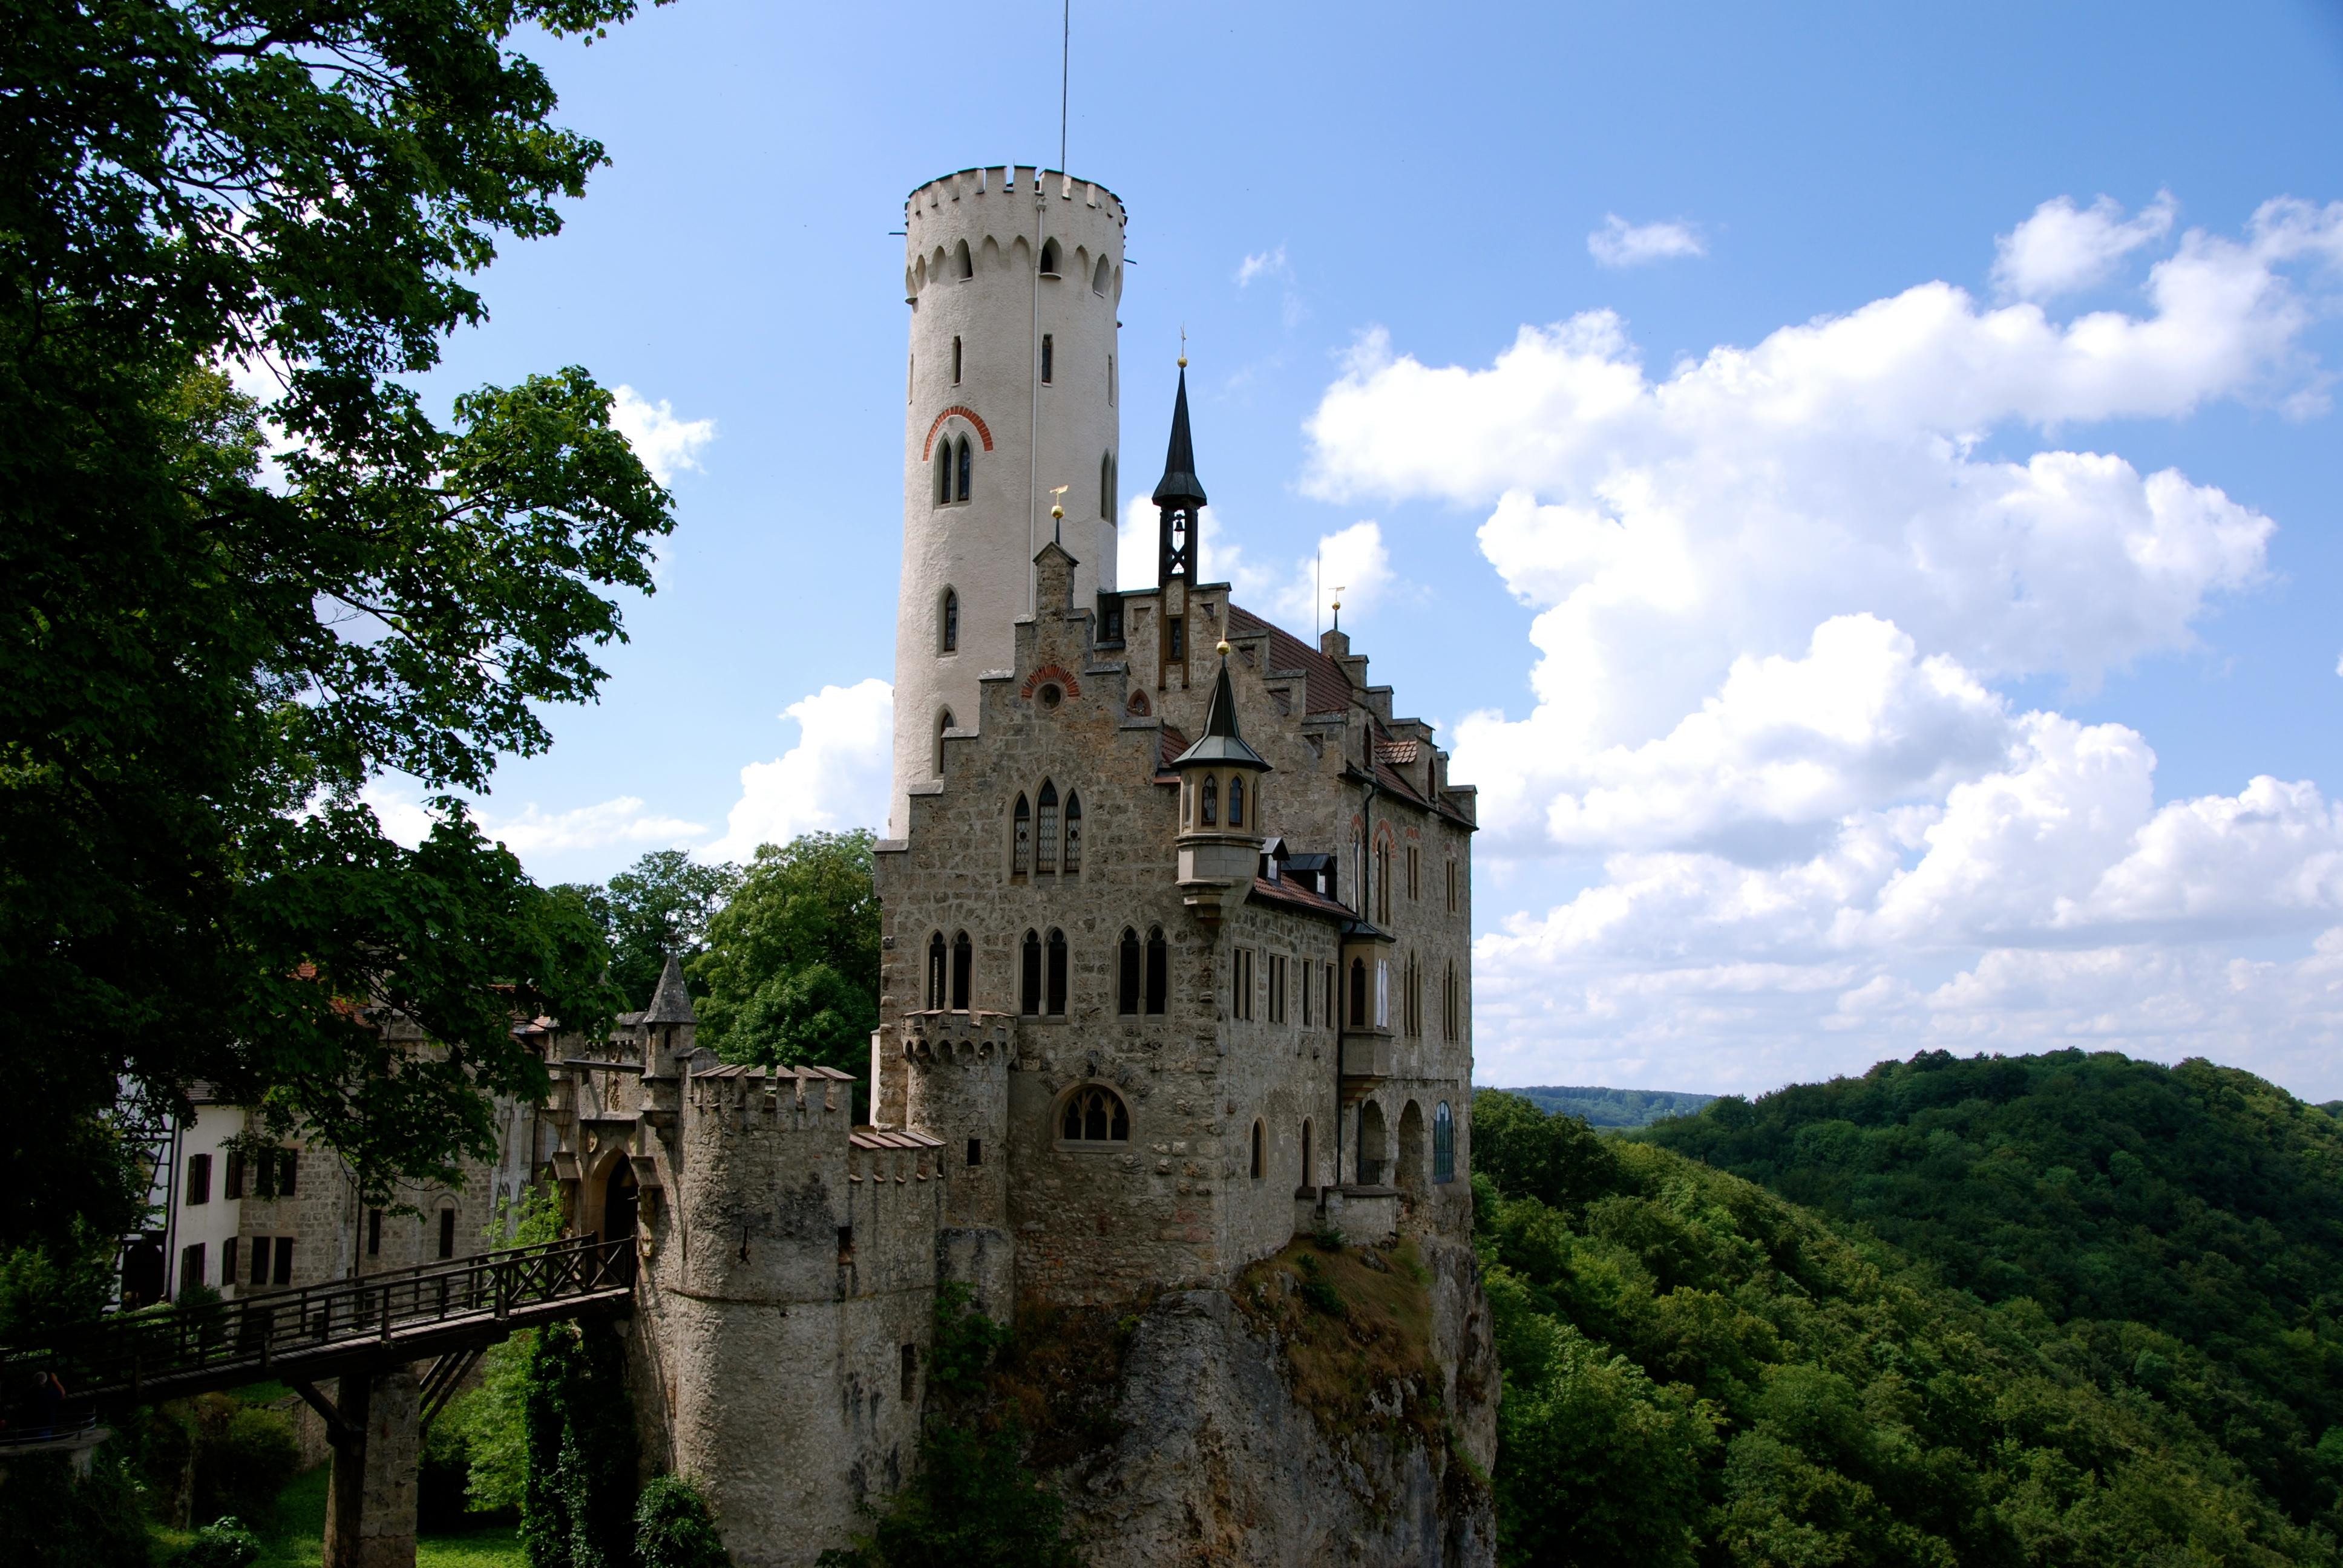 Liechtenstein_Castle Үхэхээсээ өмнө үзэх ёстой дэлхийн хамгийн гайхалтай 21 цайз, шилтгээн